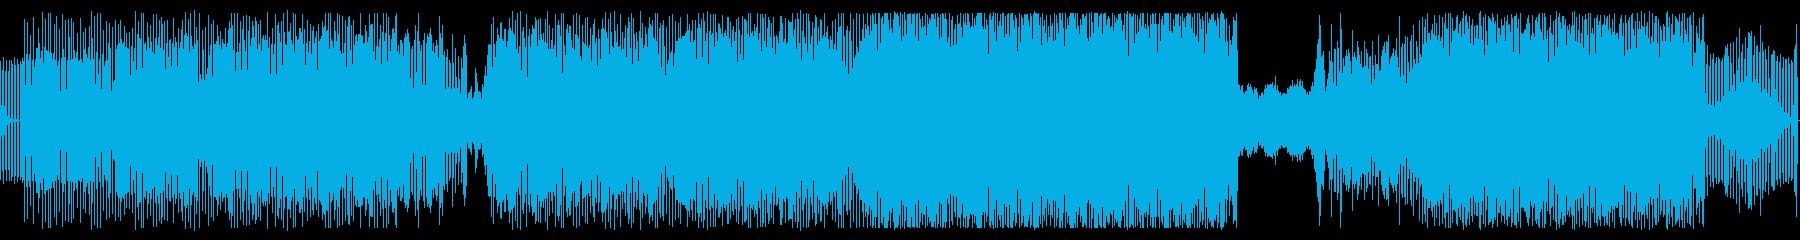 シンセSEQのきれいなテクノの再生済みの波形